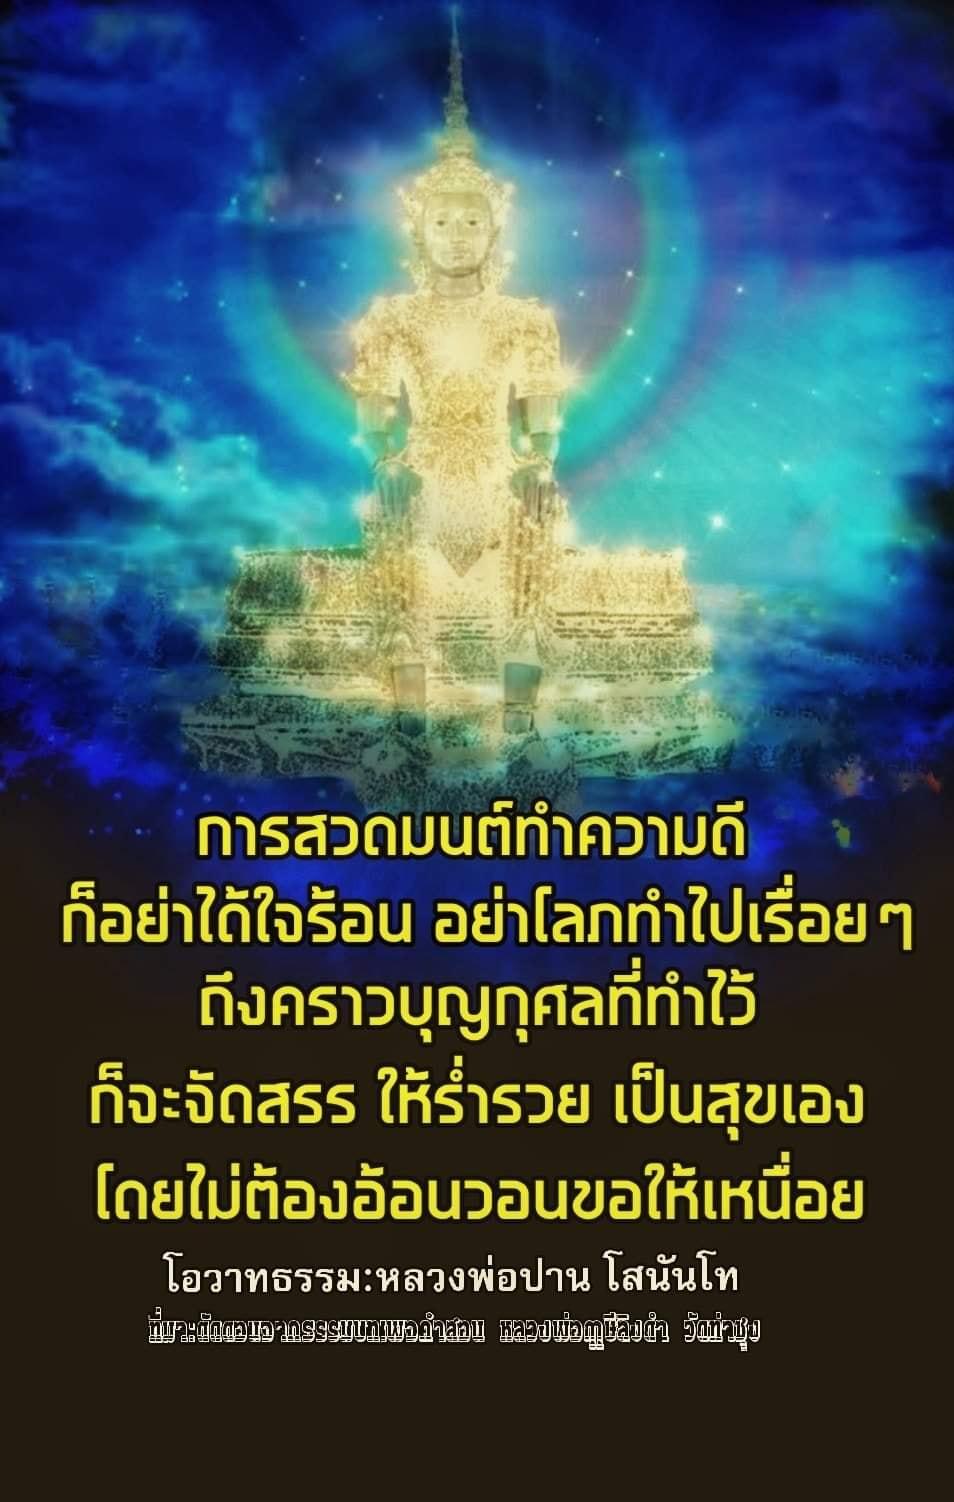 FB_IMG_1566320668870.jpg